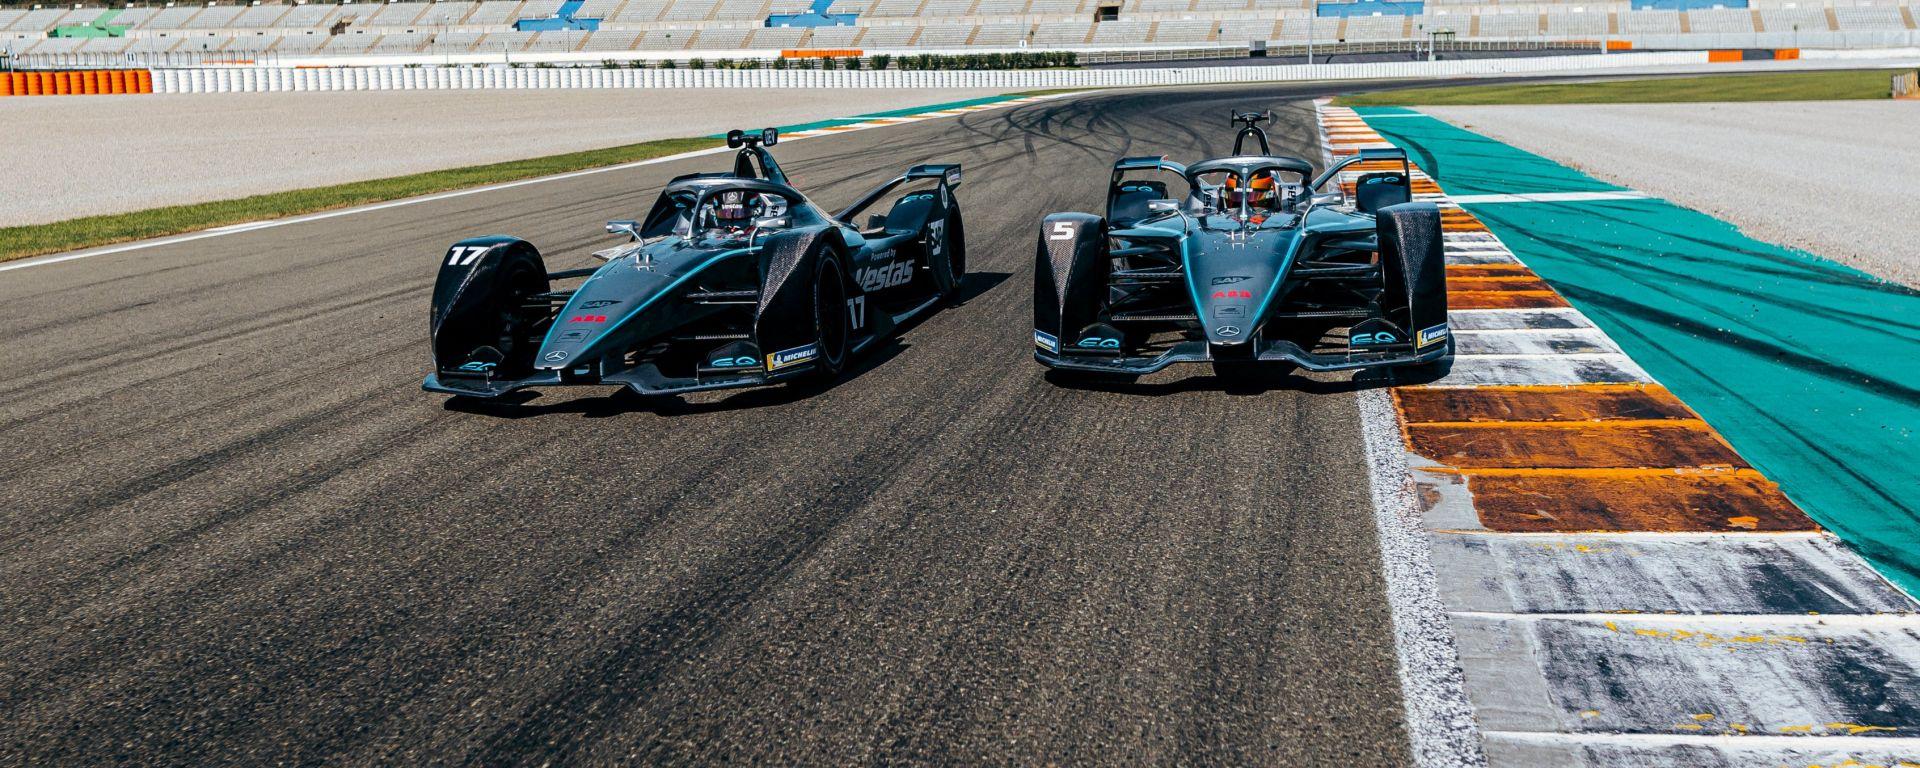 Formula E 2019-2020, la nuova Mercedes-Benz EQ Silver Arrow 01 di Vandoorne e De Vries